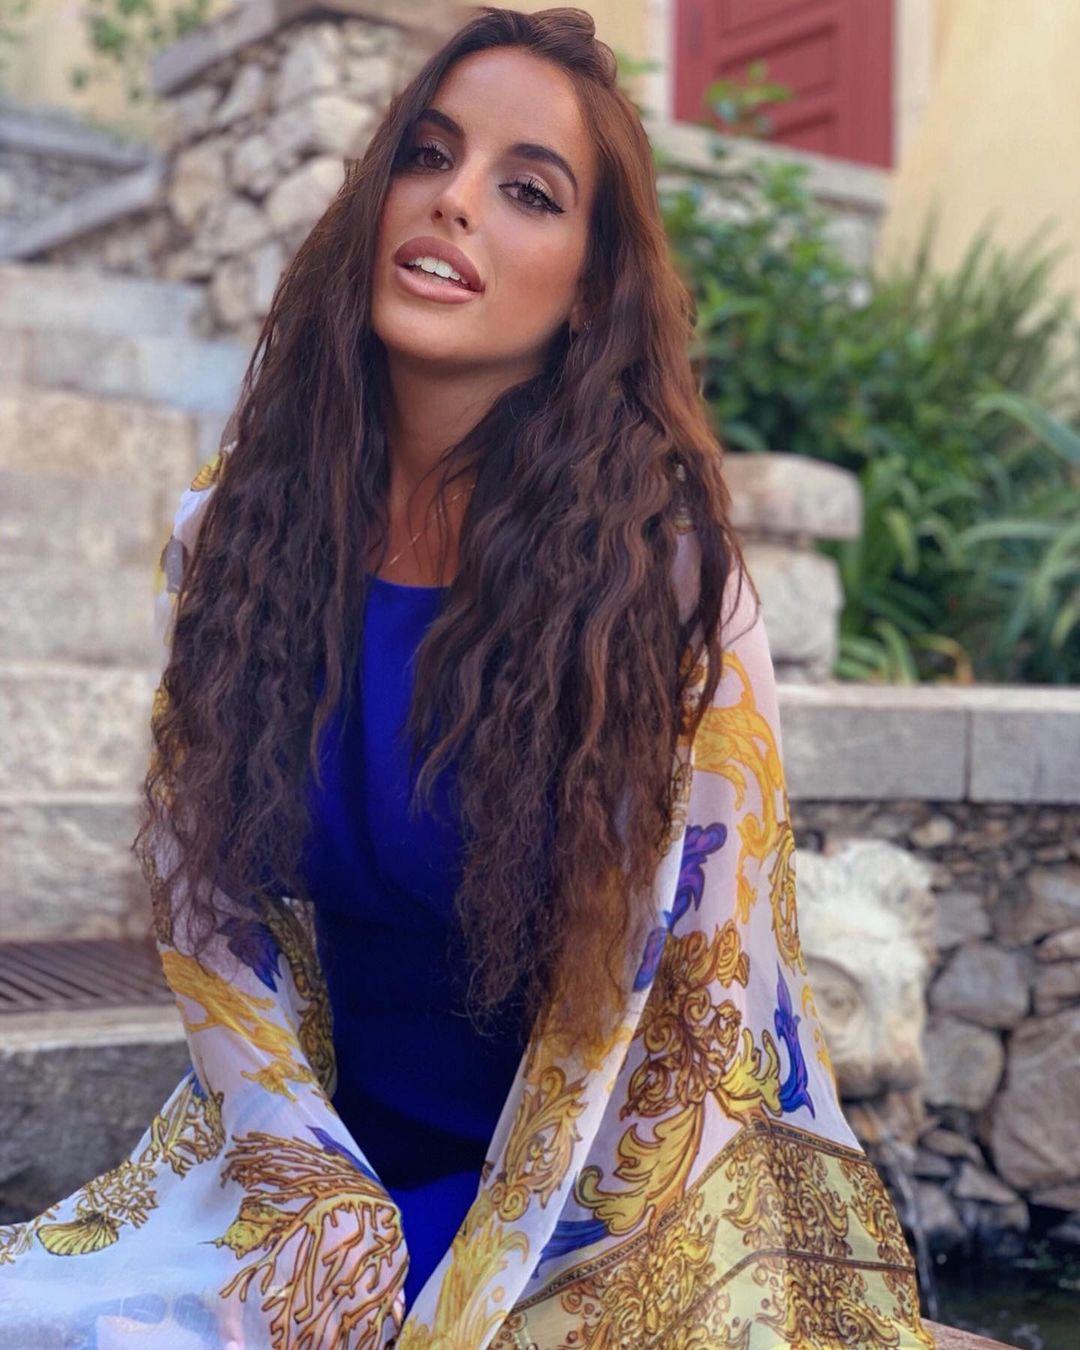 Elena-Barbato-Wallpapers-Insta-Fit-Bio-6